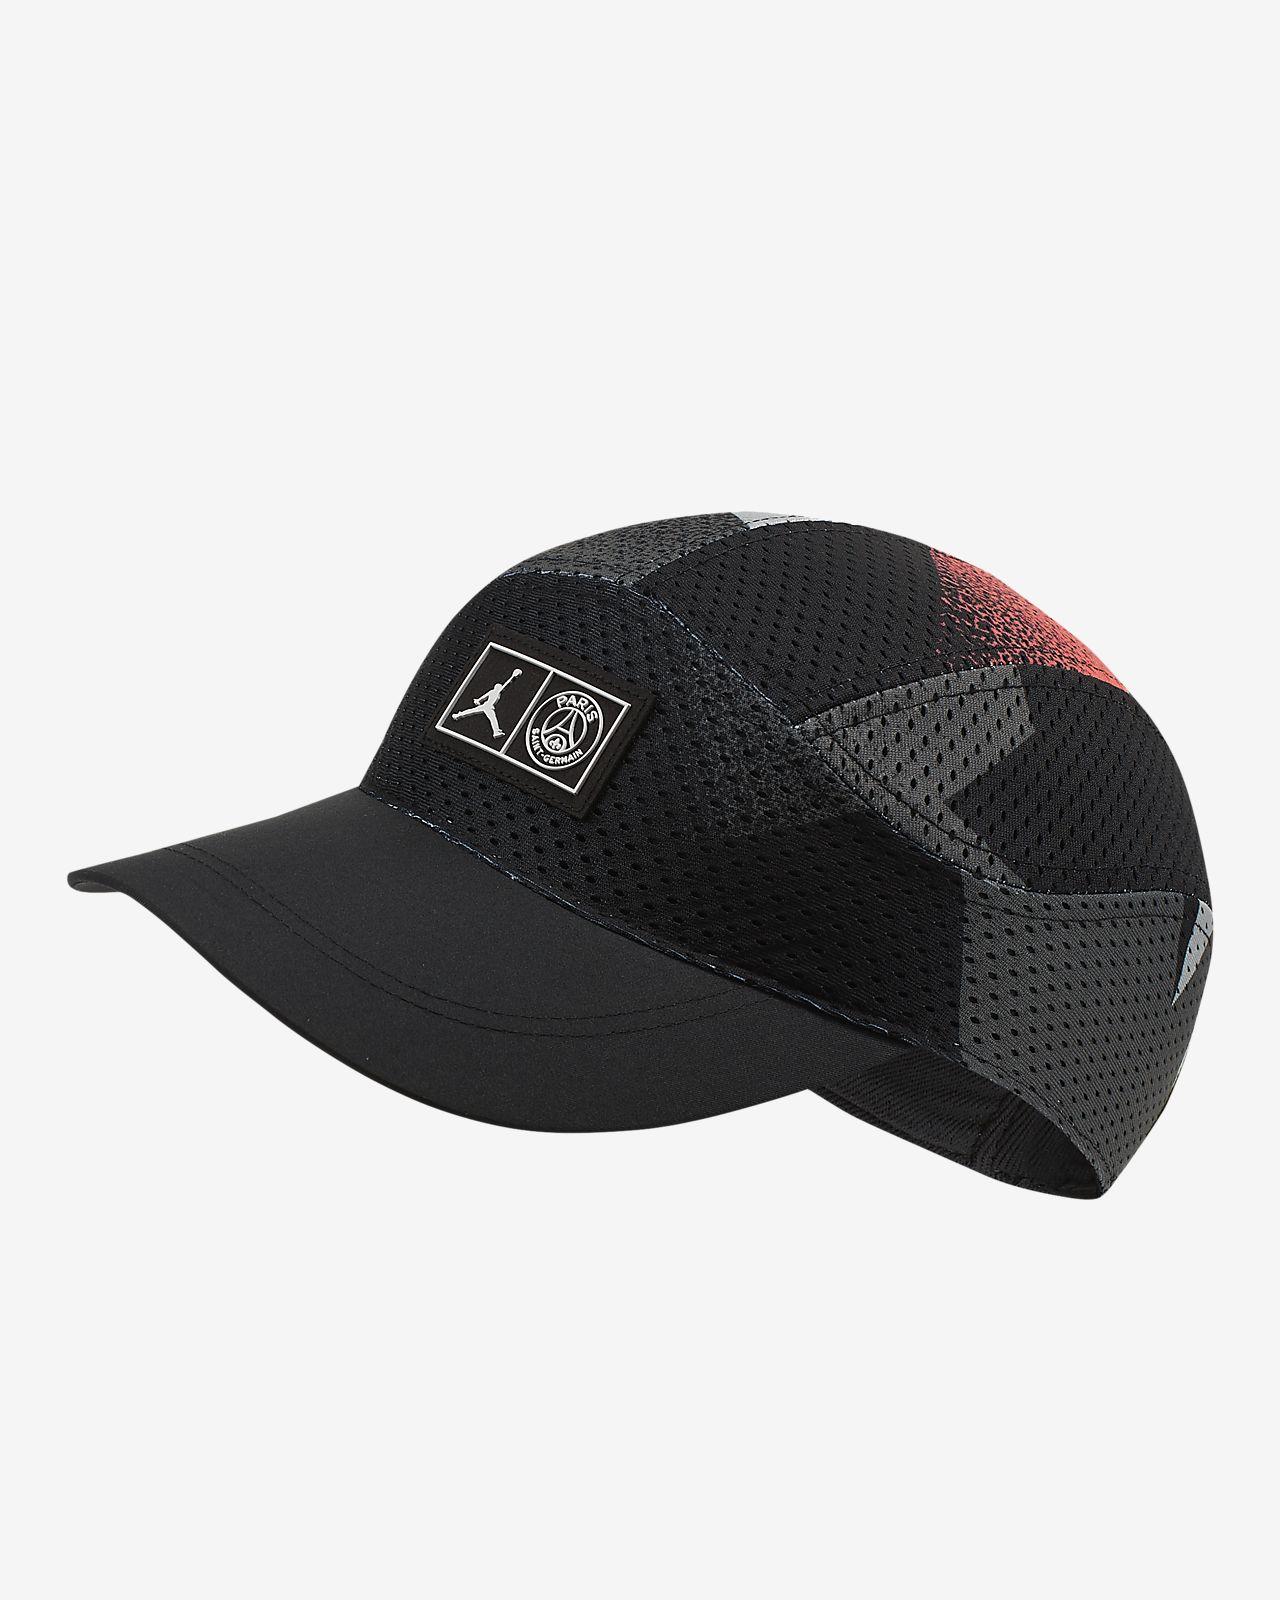 cerca l'originale servizio eccellente pacchetto alla moda e attraente Cappello Paris Saint-Germain Tailwind